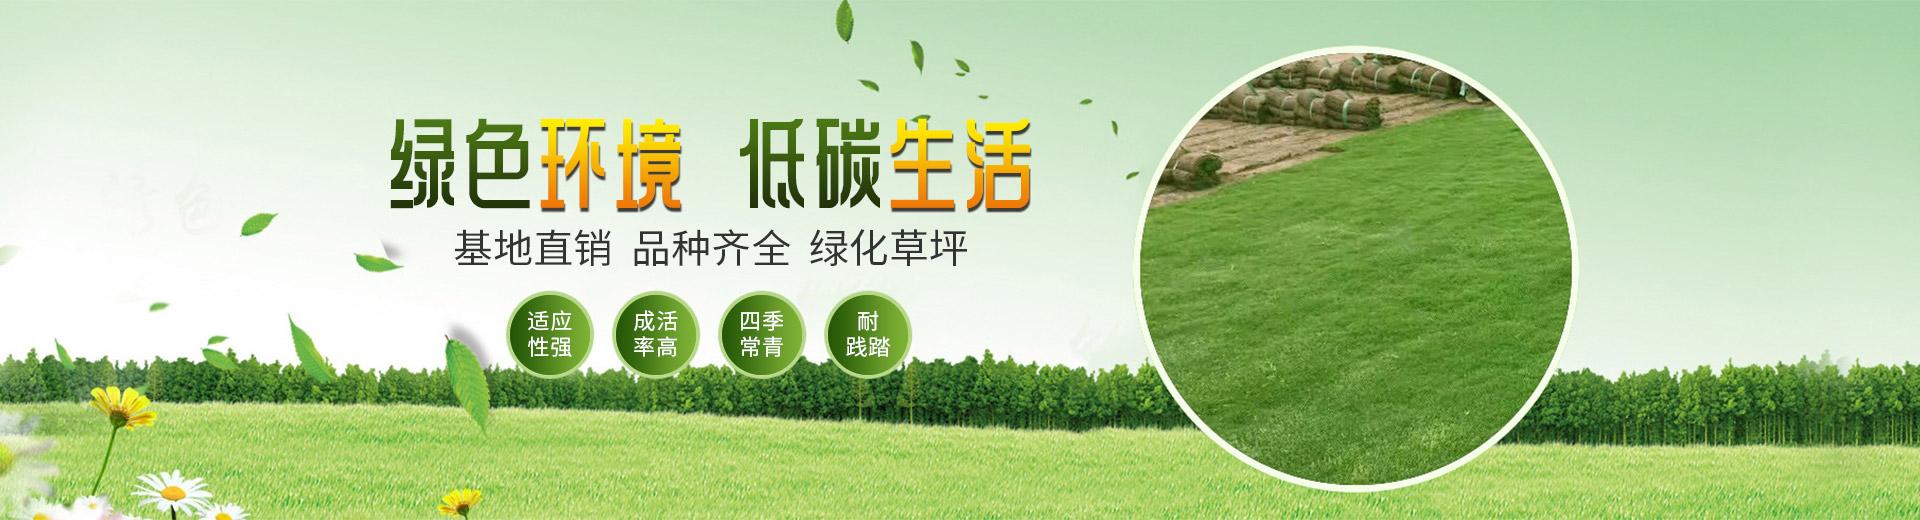 武汉草皮基地